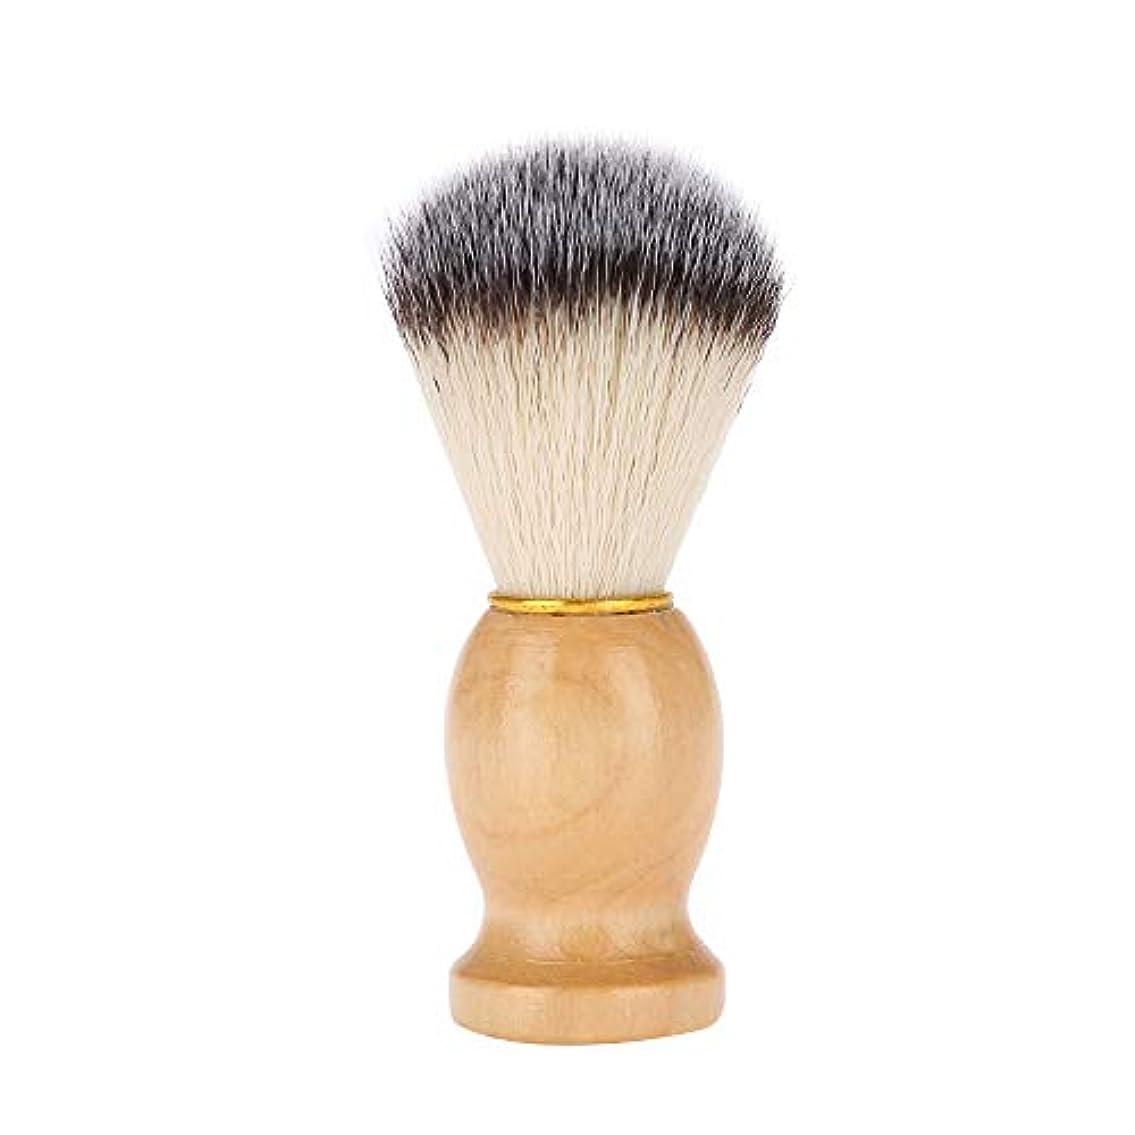 ひげブラシメンズシェービングブラシ 毛髭ブラシと木製コム バッガーヘア シェービングブラシ 髭剃り メンズ ポータブルひげ剃り美容ツール (黄)